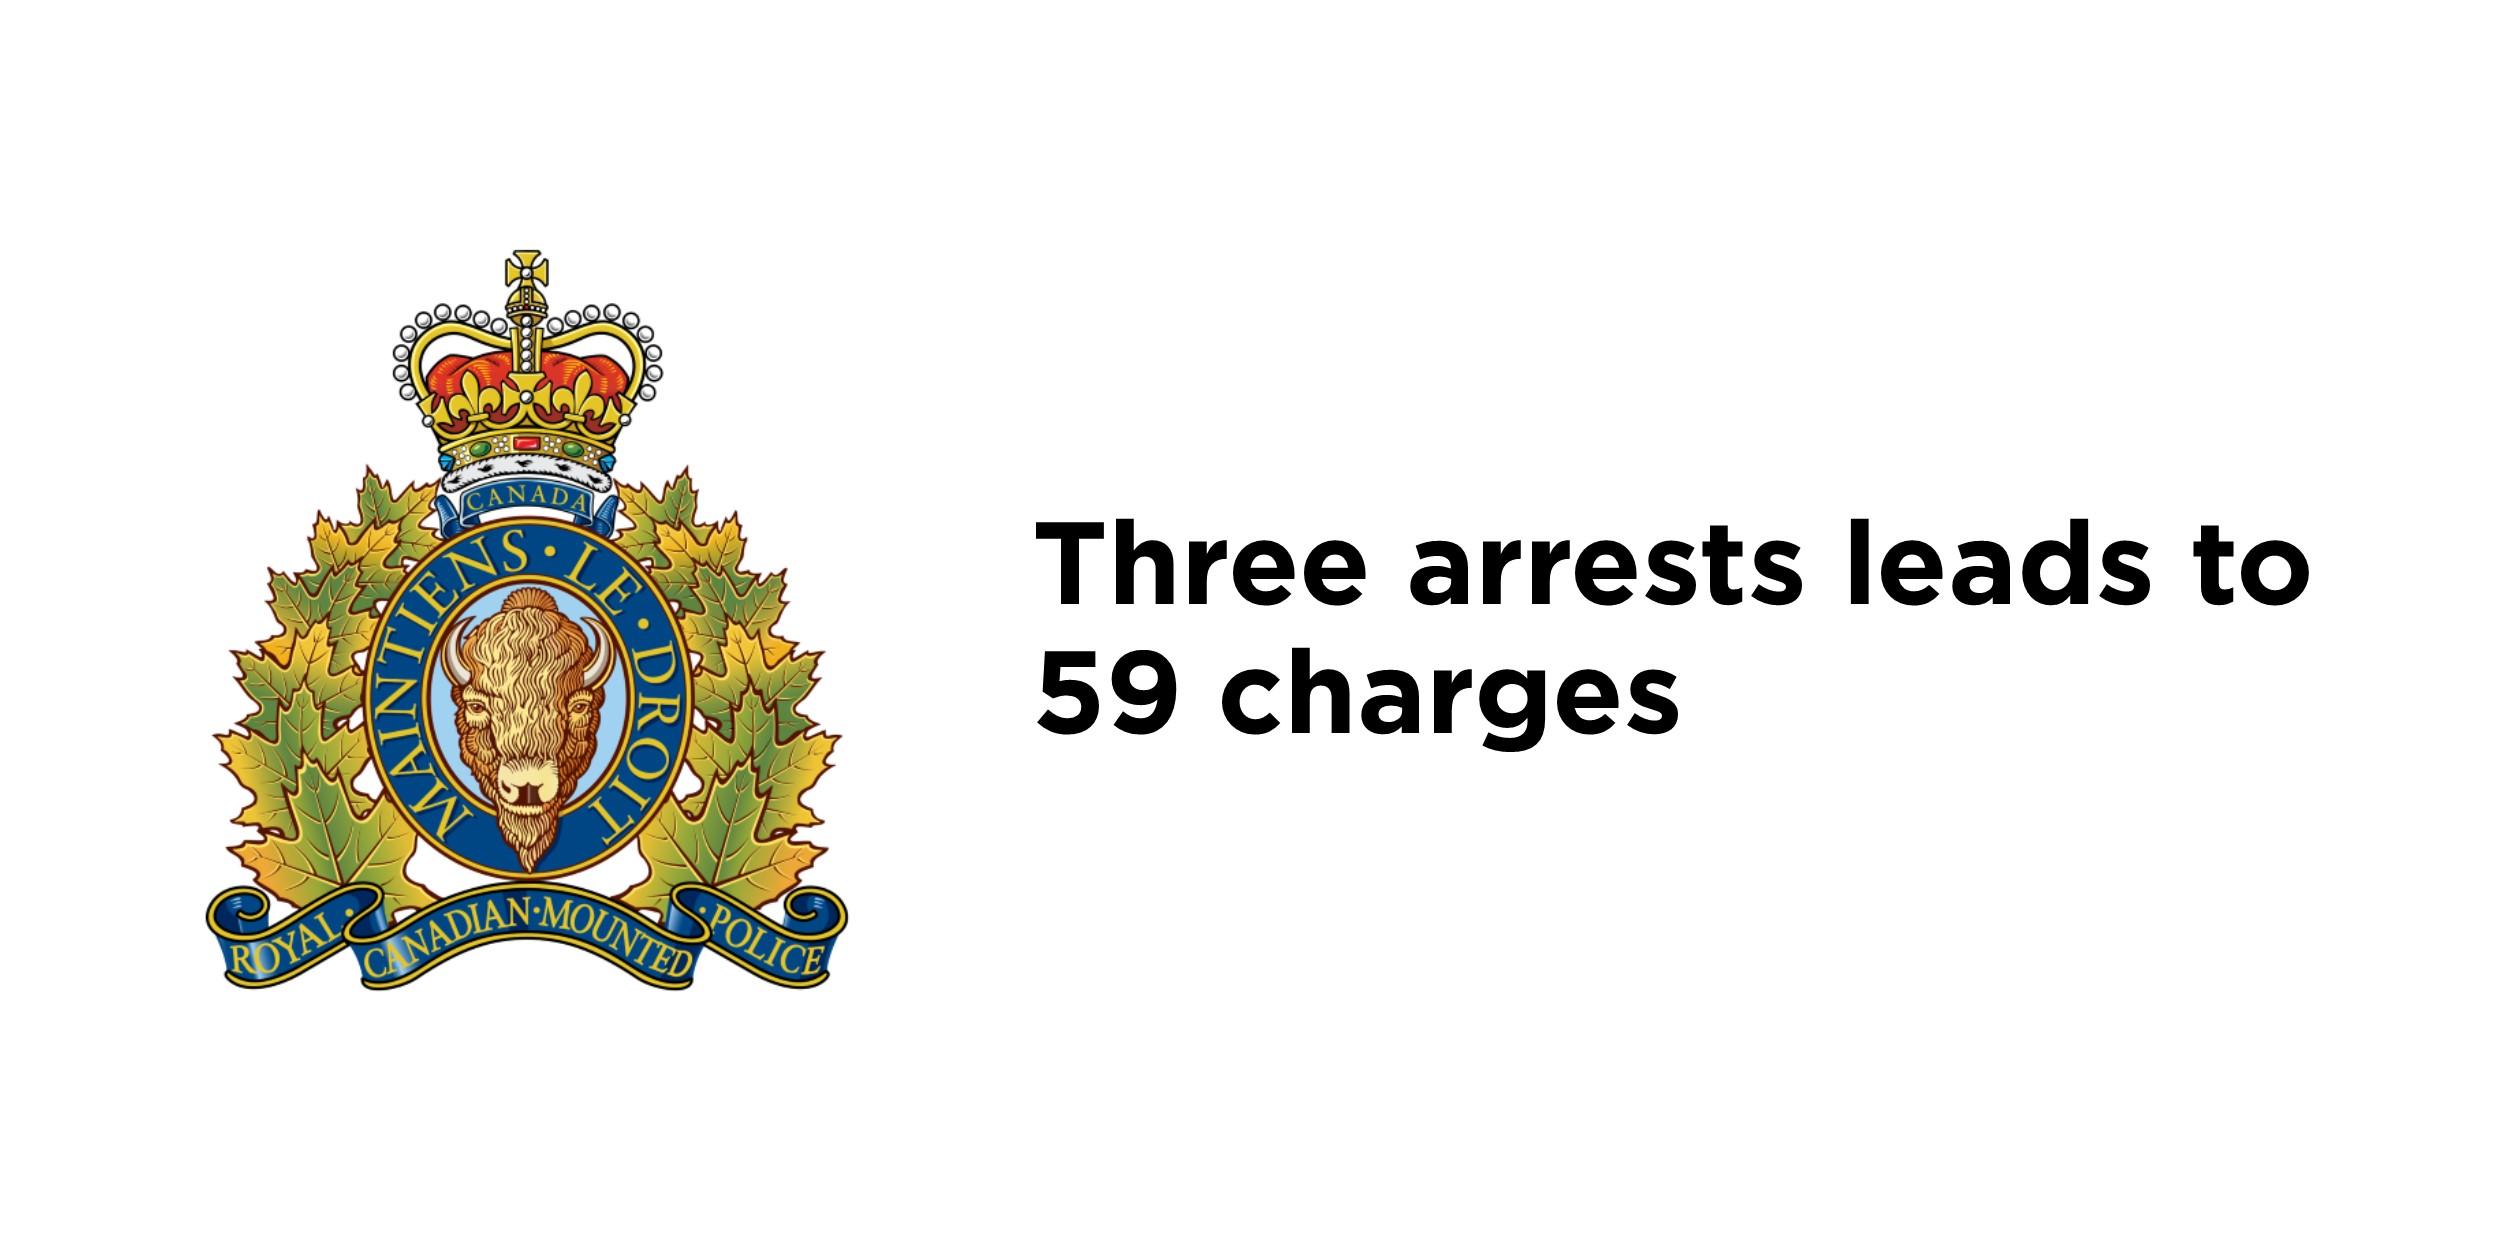 RCMP arrest 3